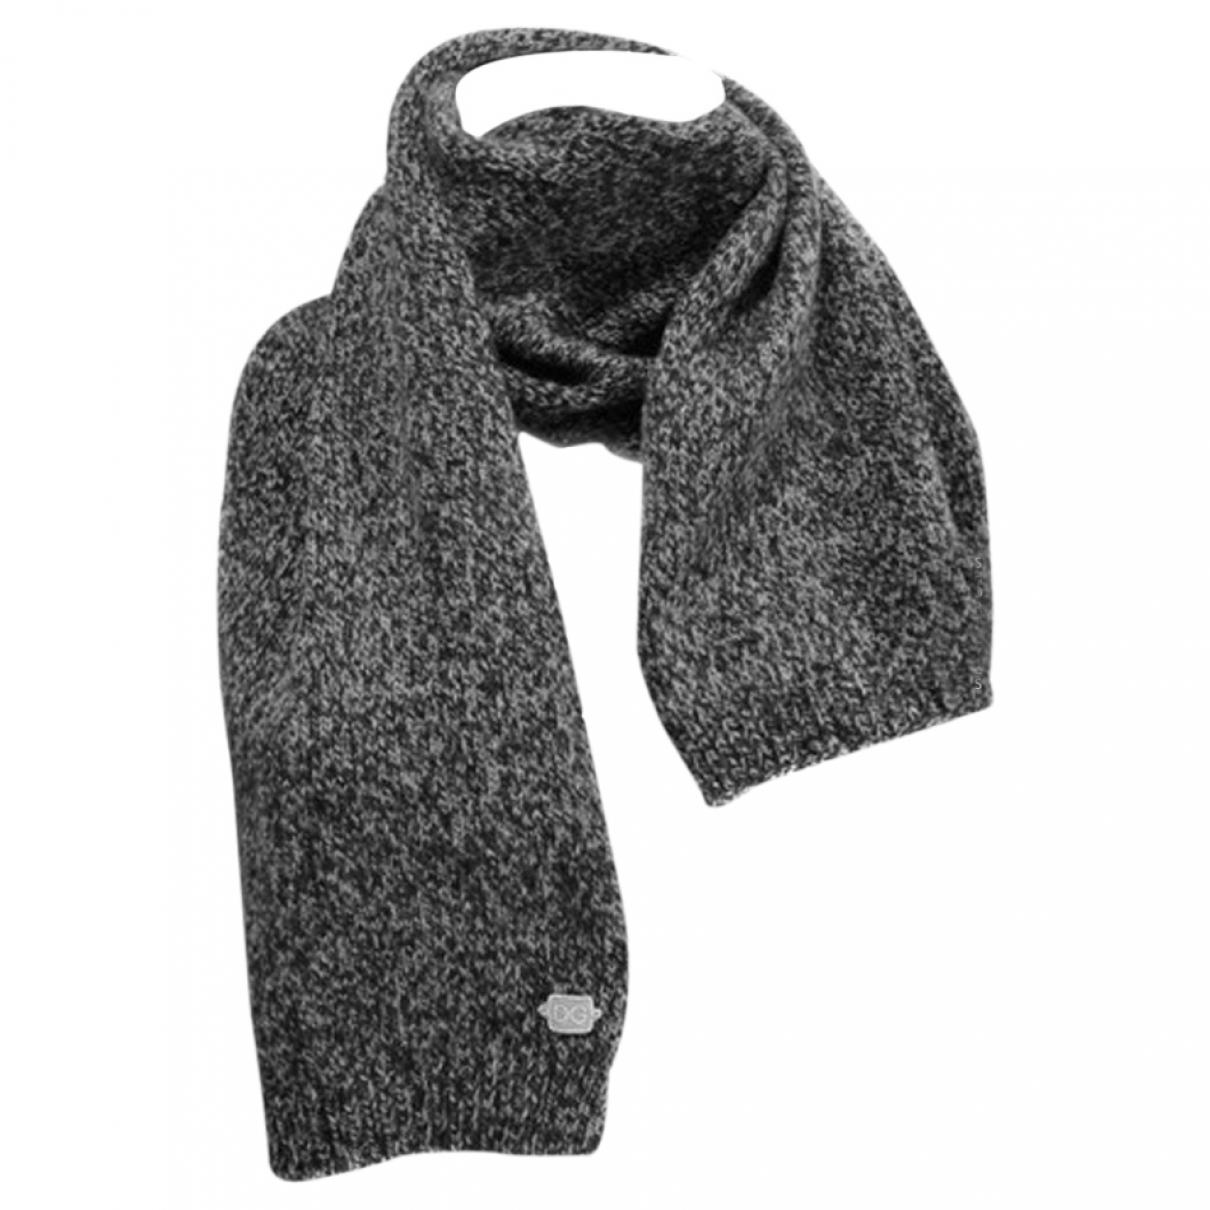 Dolce & Gabbana \N Tuecher, Schal in  Grau Wolle